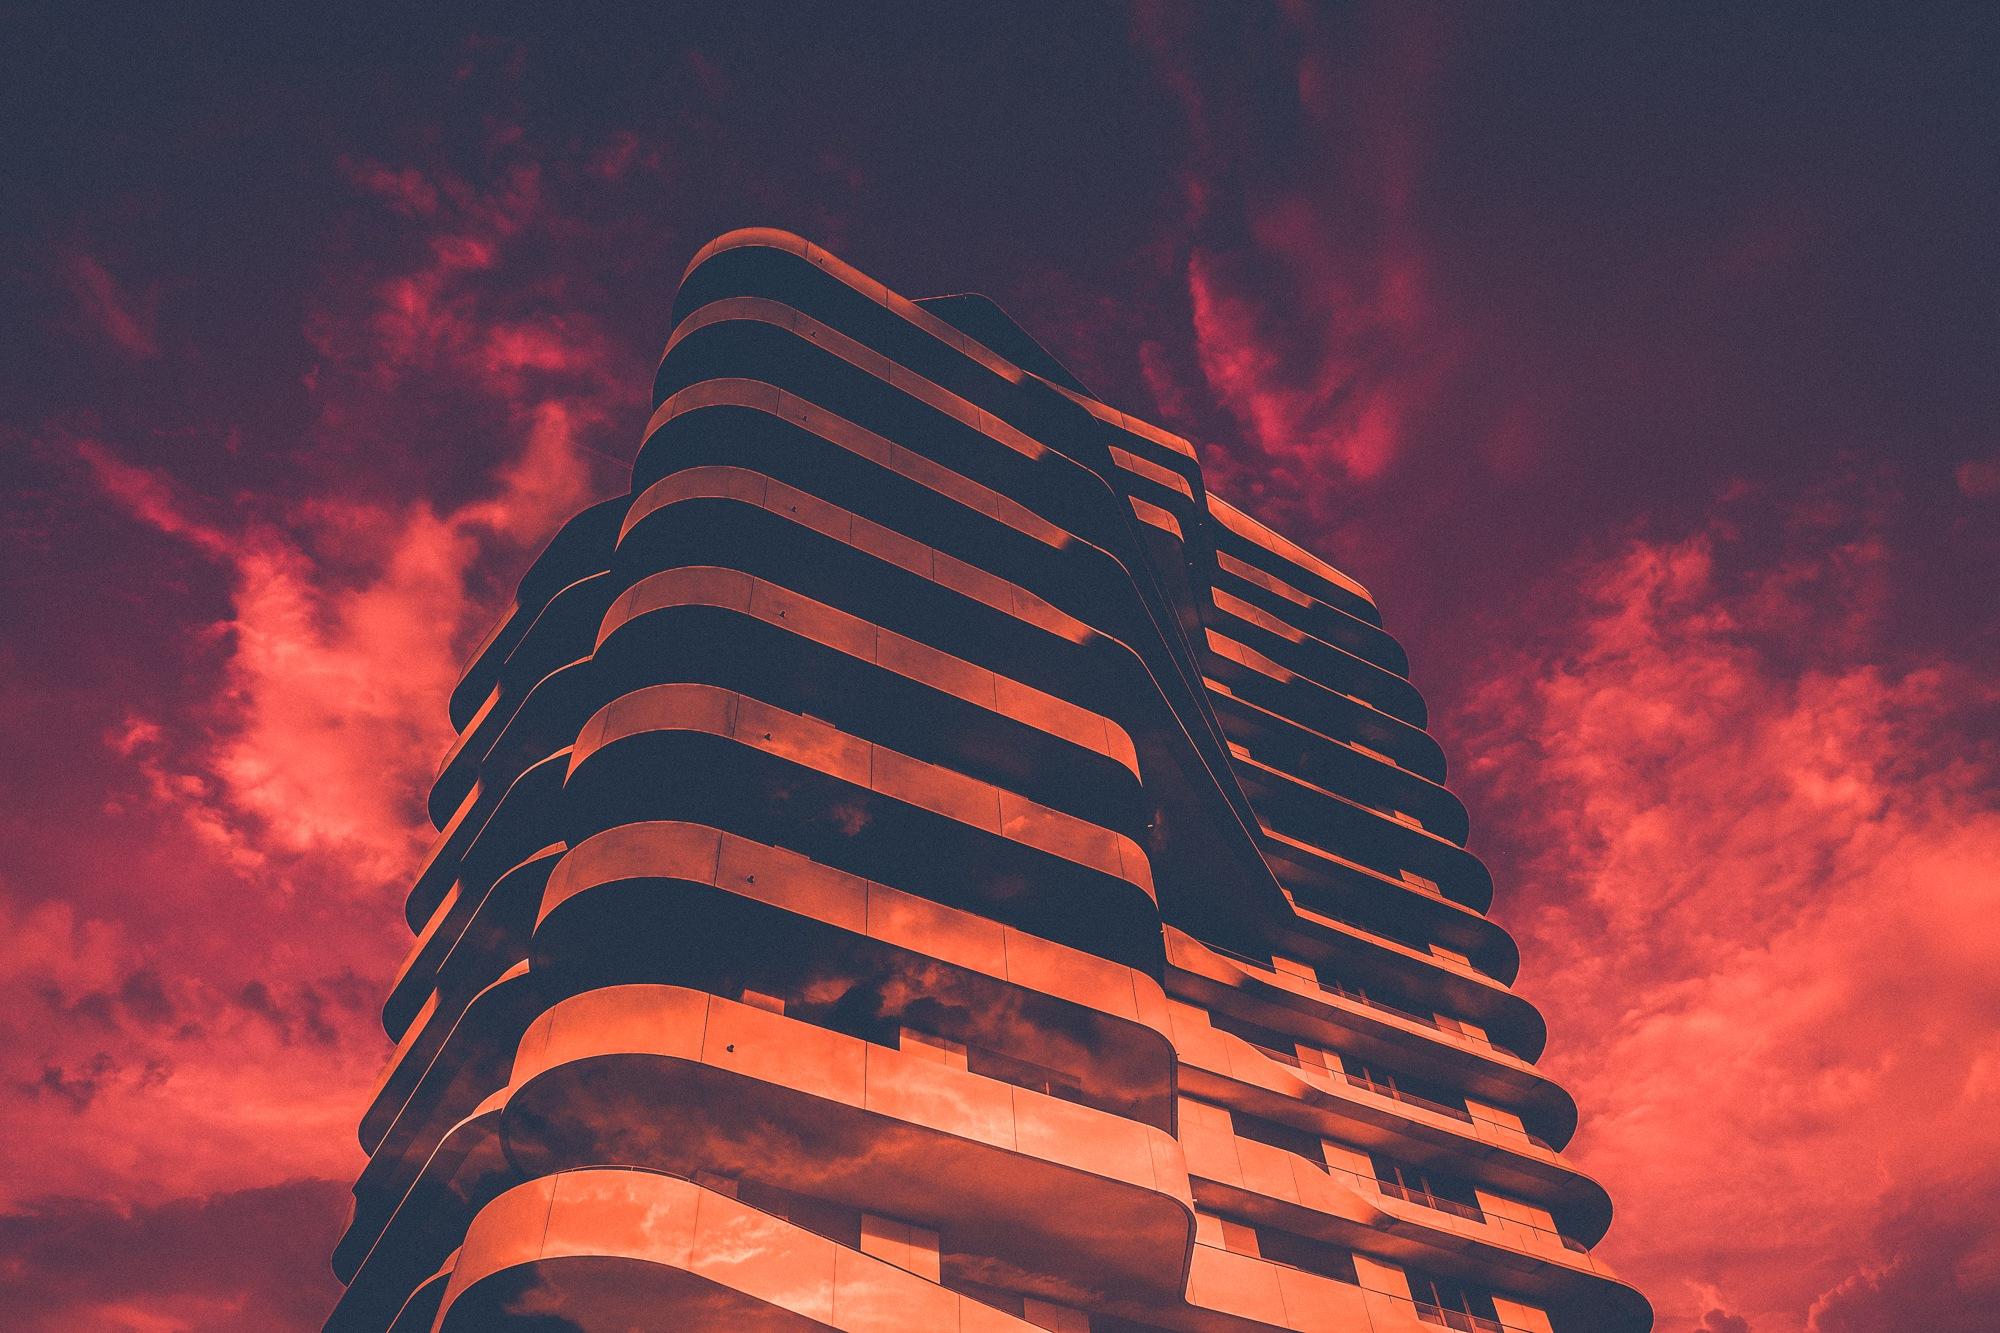 Doom Hotel II by Wanja Wiese